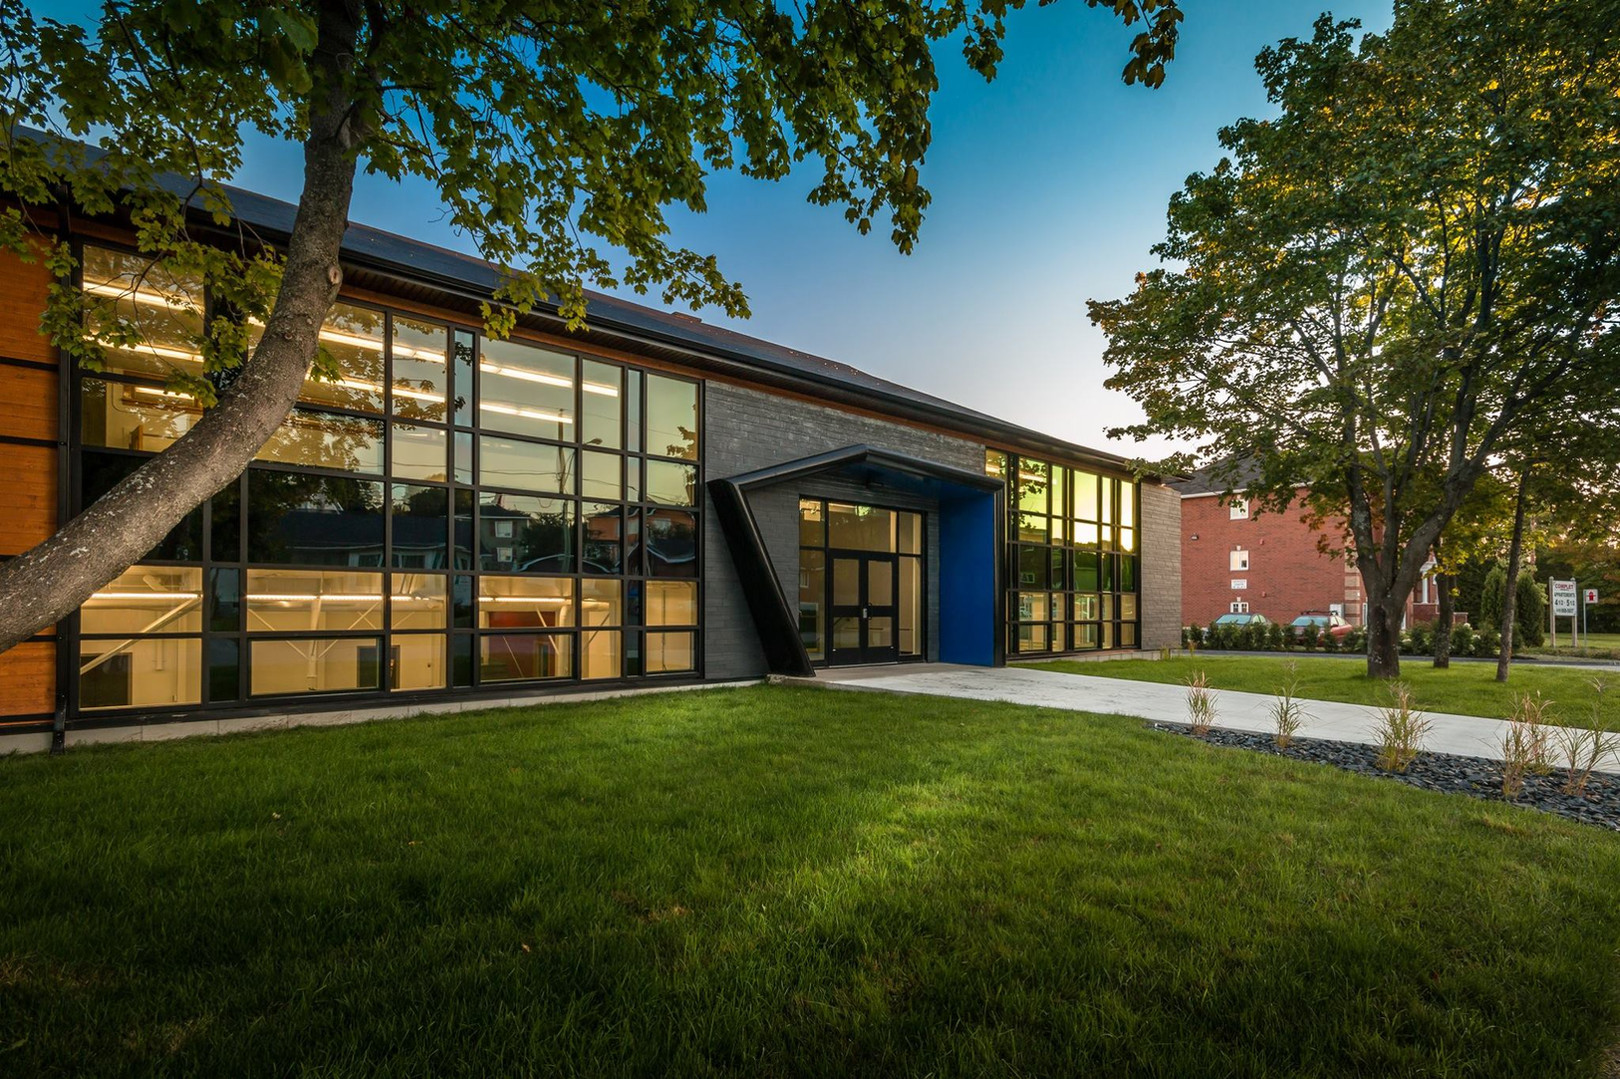 École l'Envol - Rivière-du-Loup